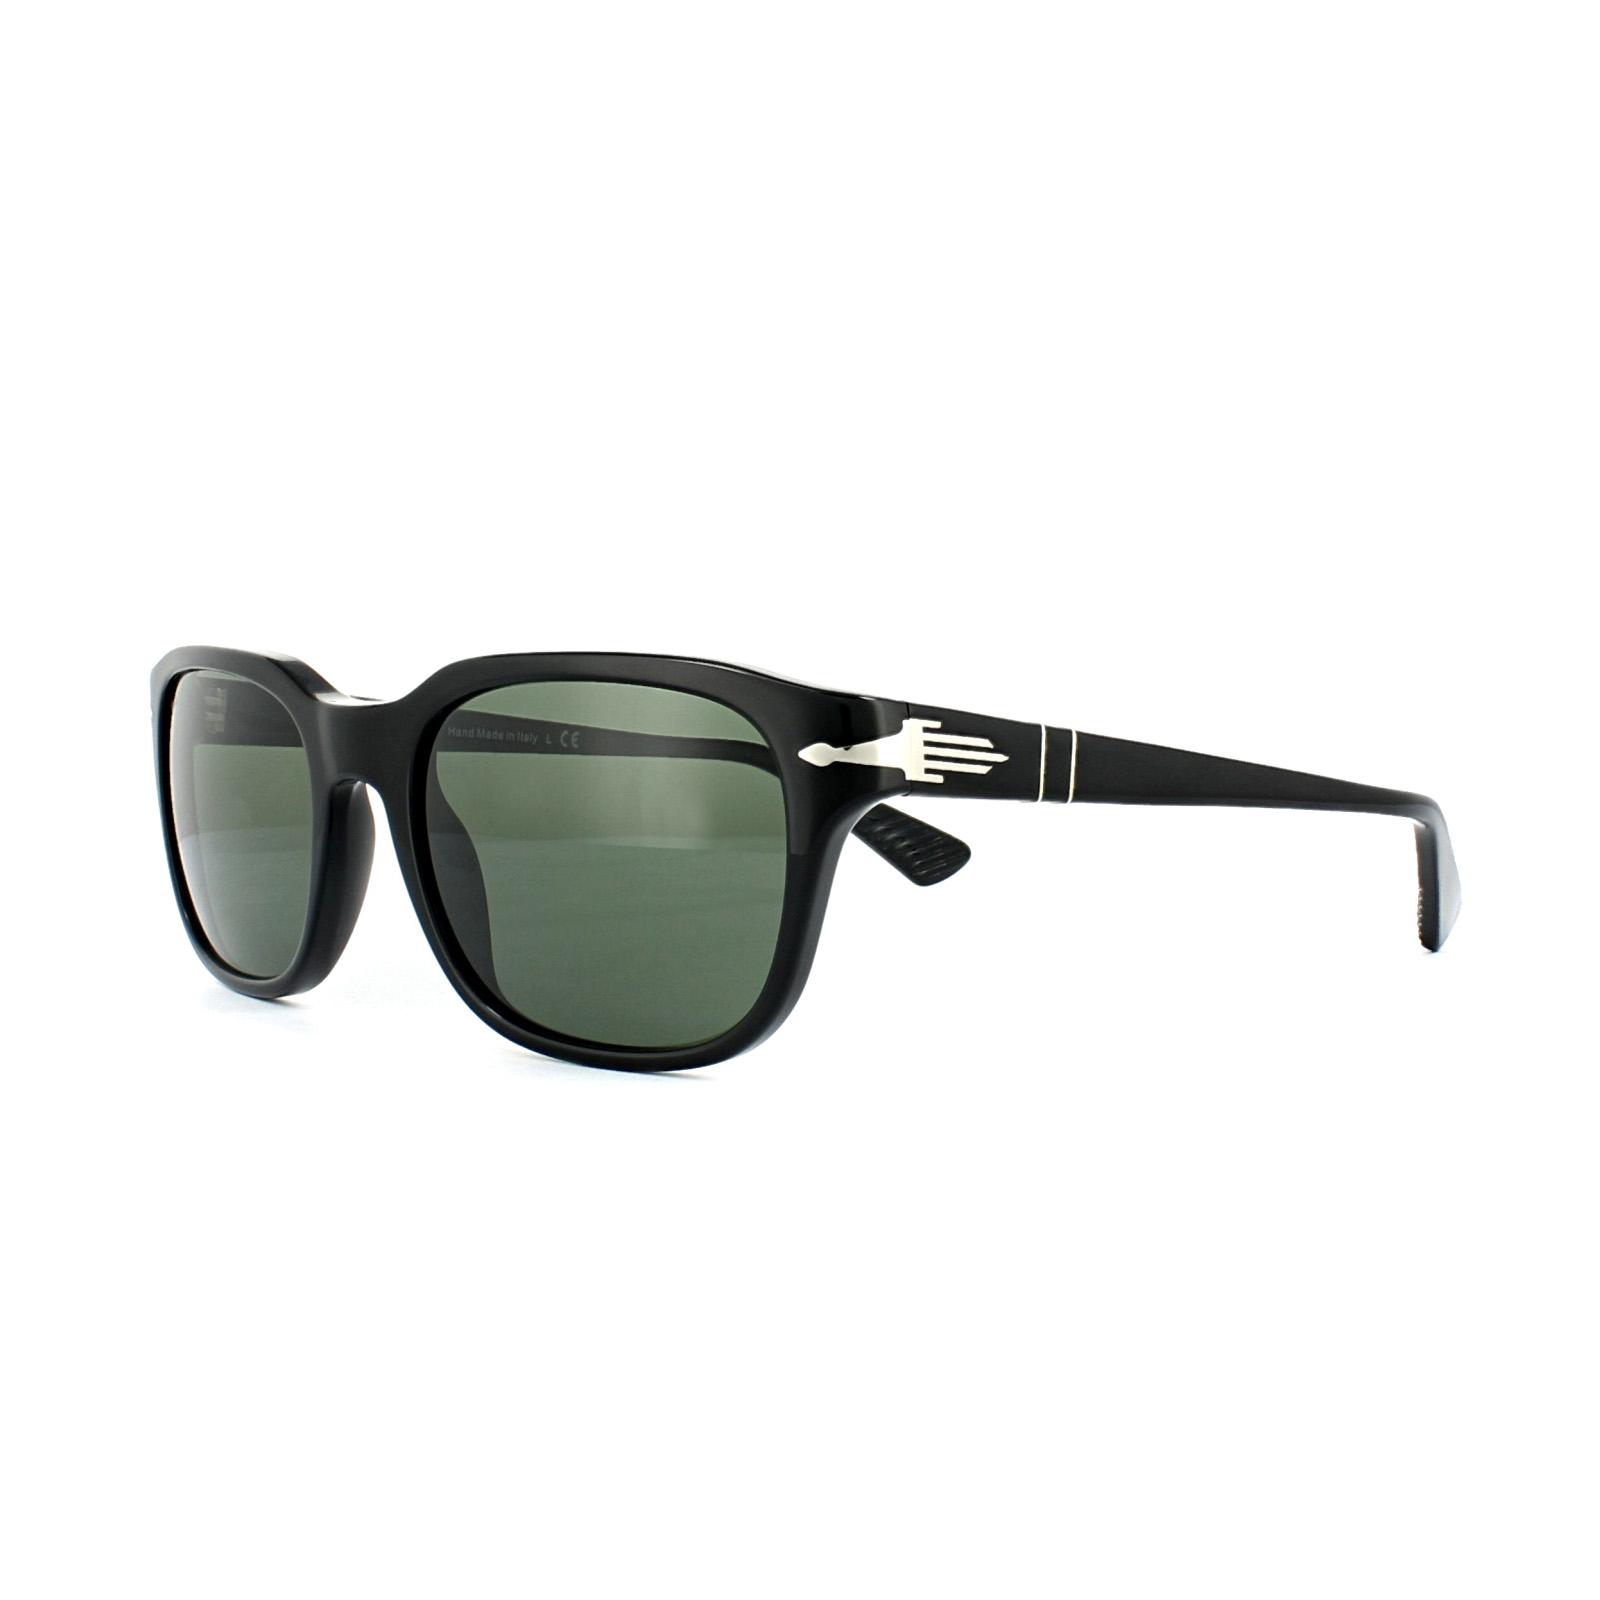 deac31ce95e Persol Sunglasses 3112 95 31 Black Grey Green 8053672410112